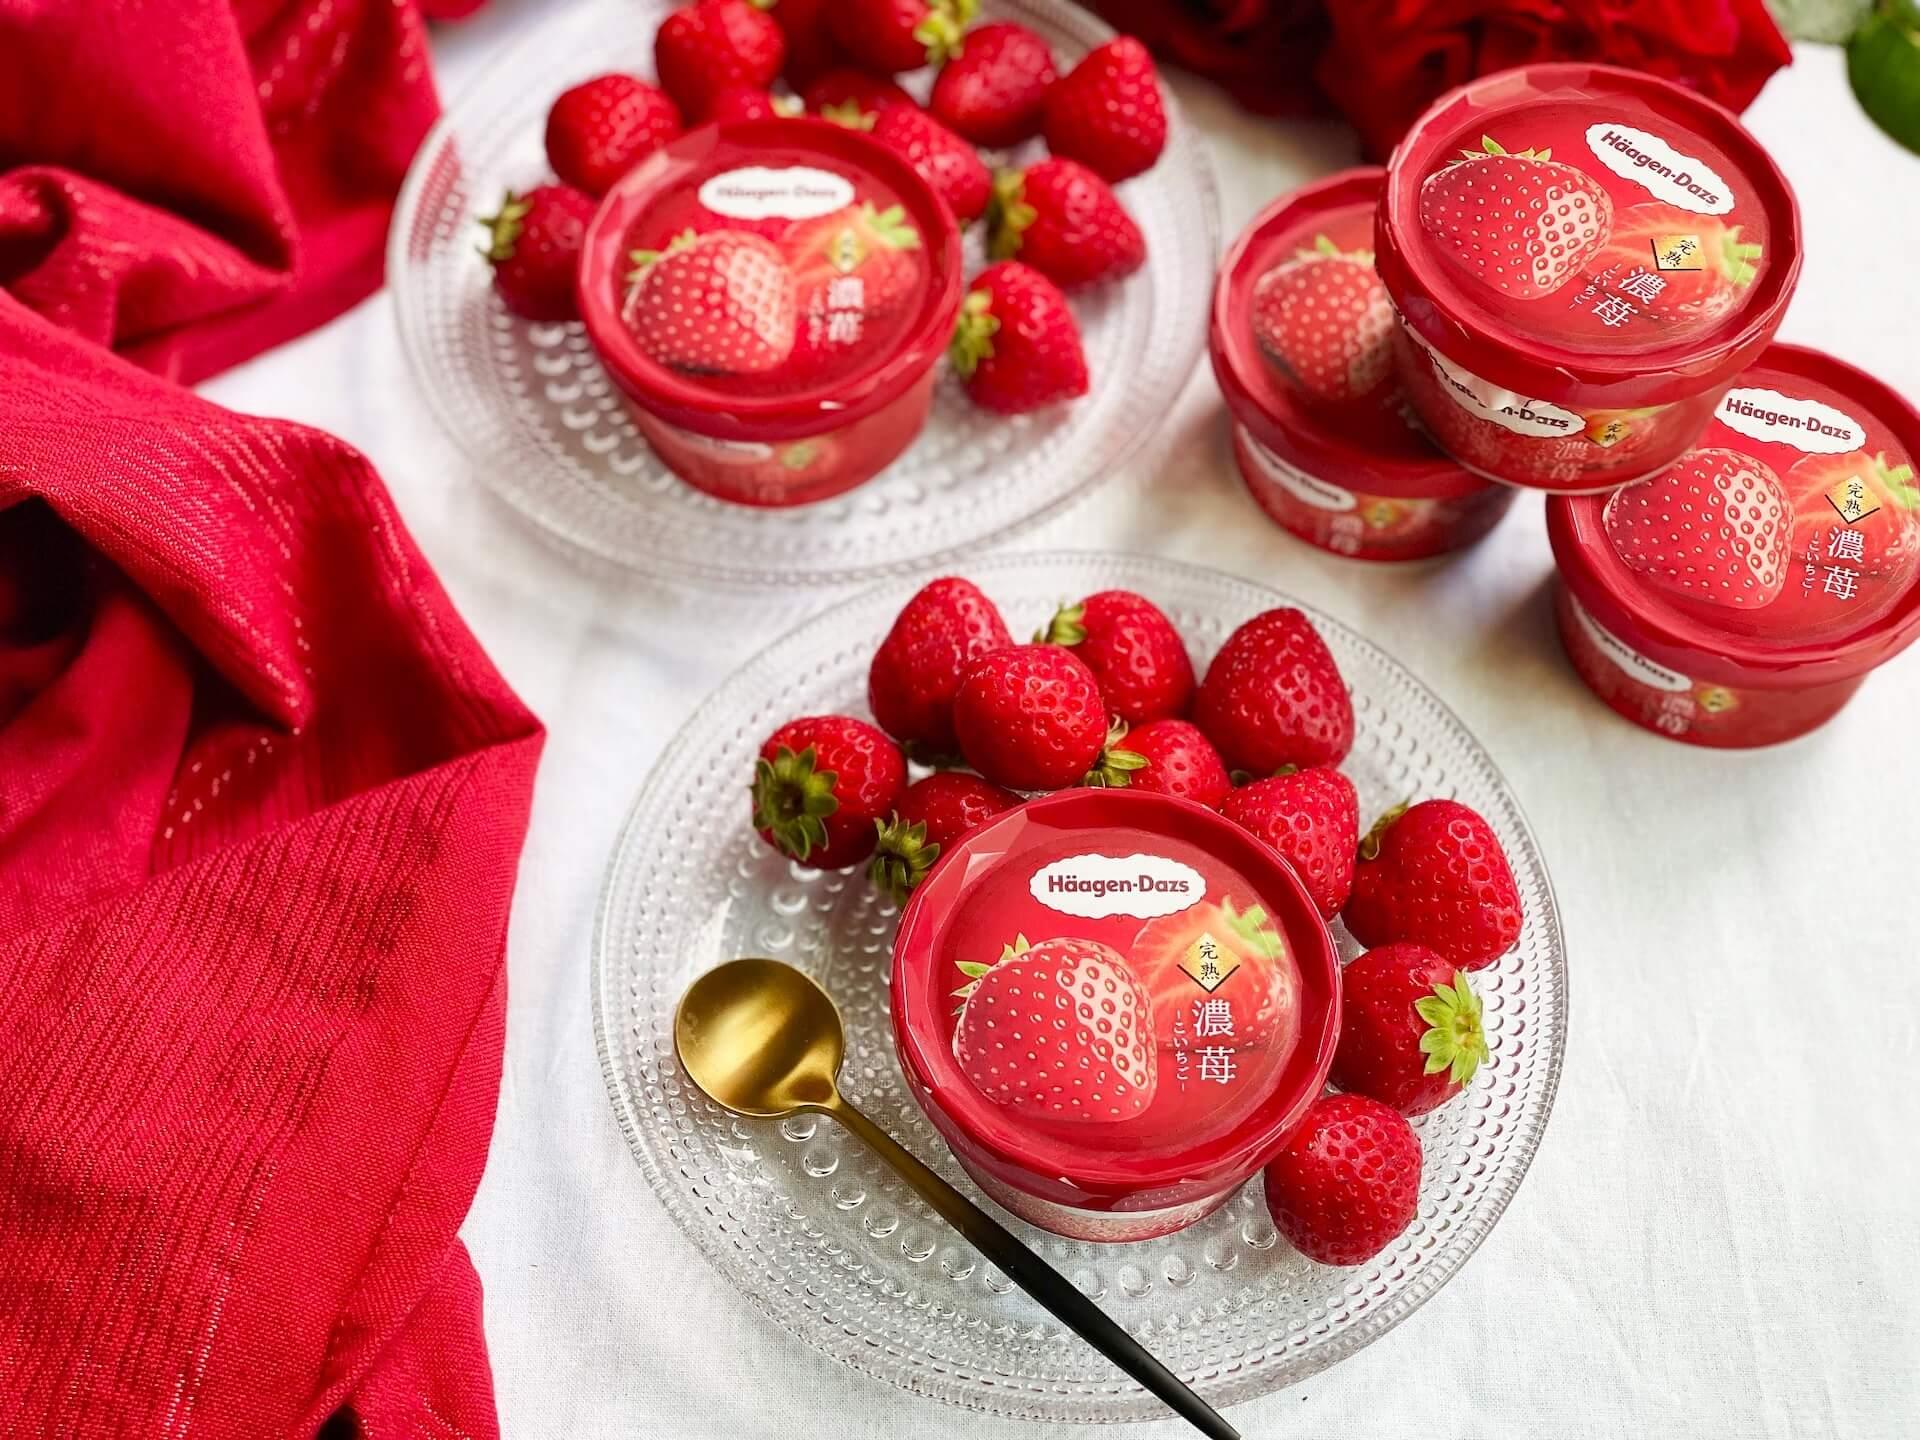 ハーゲンダッツから超濃厚ないちごの美味しさを凝縮したアイスクリーム『濃苺』が新発売! gourmet210726_haagendazs_koichigo_3